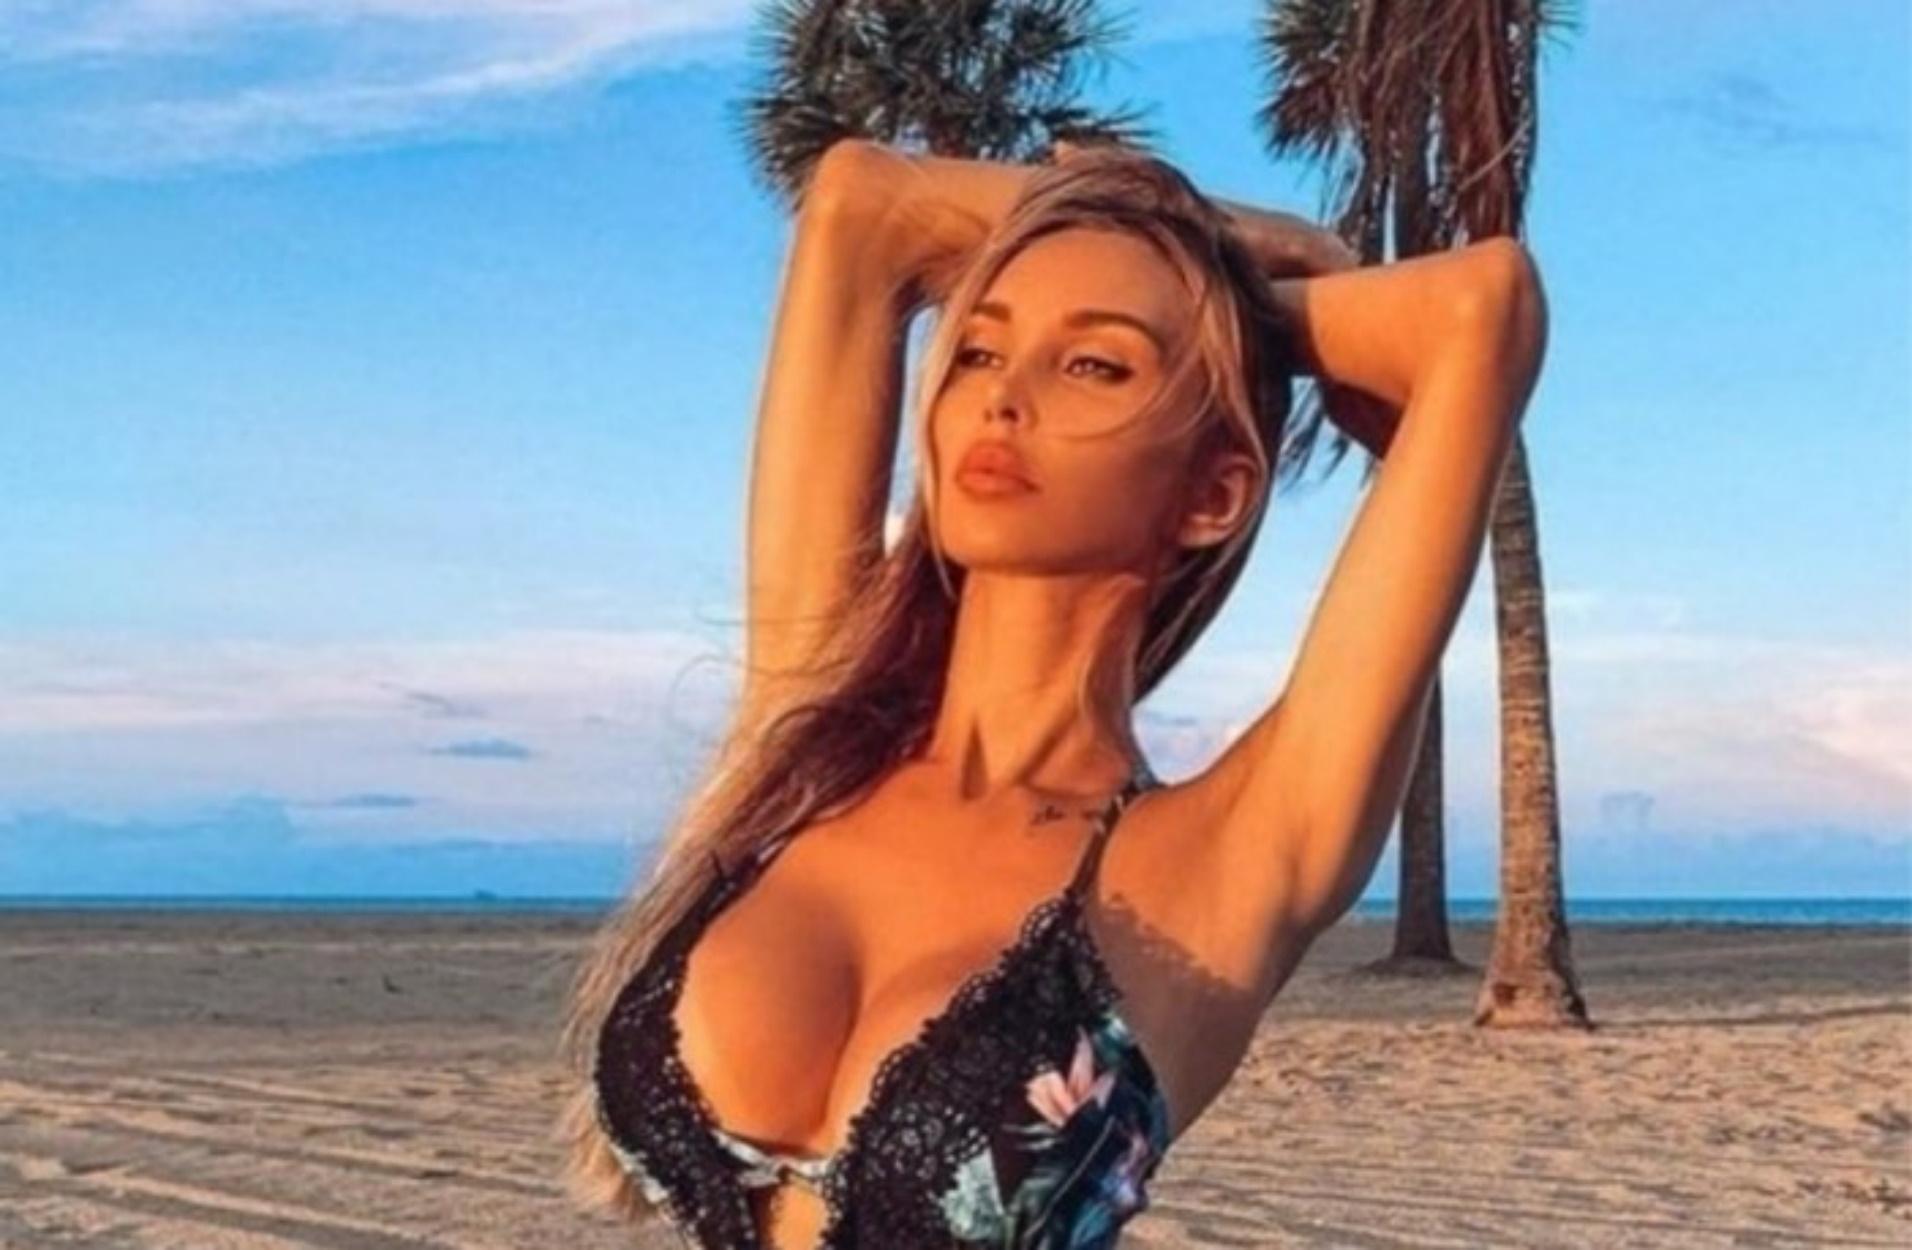 Η καυτή Ρωσίδα που έχει ξετρελάνει το Instagram!